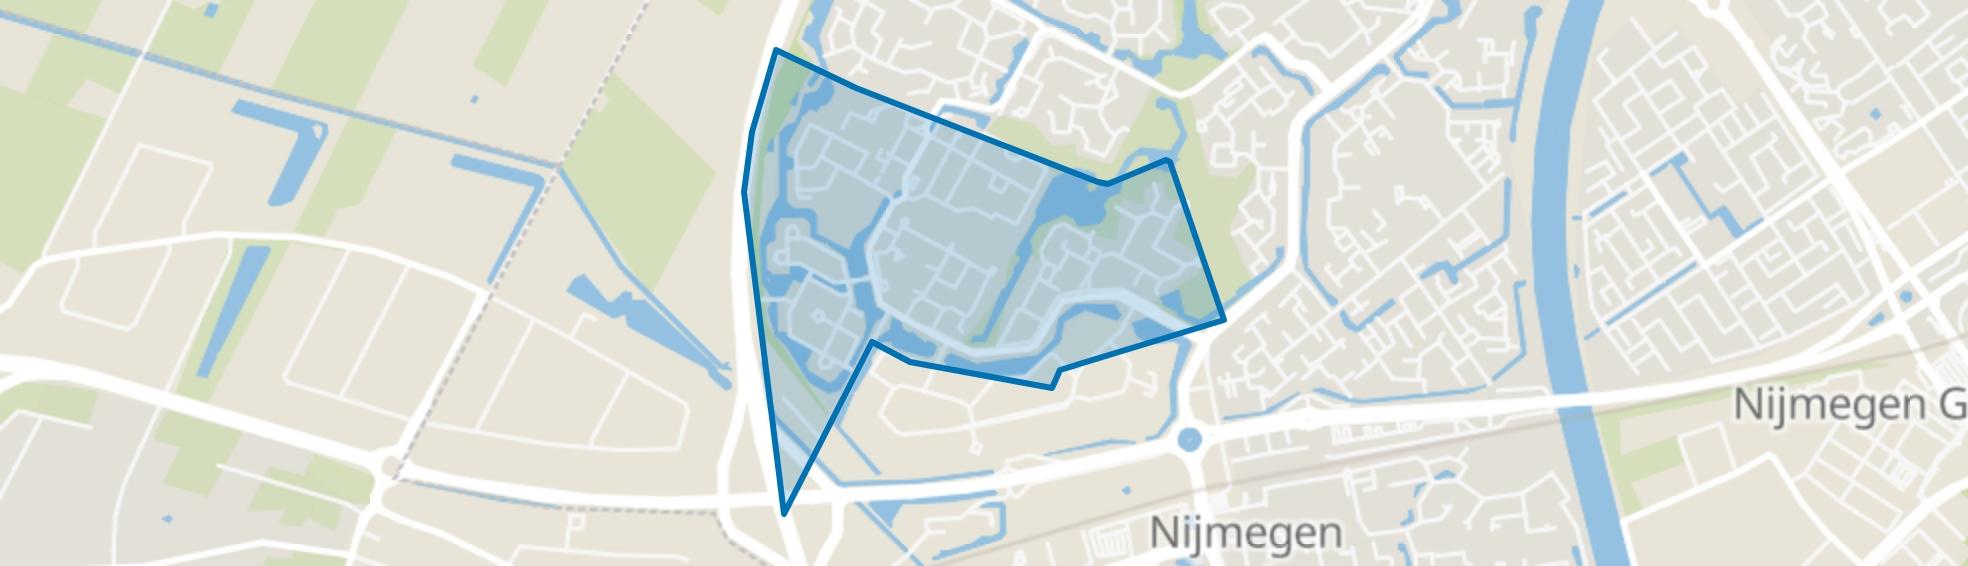 't Broek, Nijmegen map